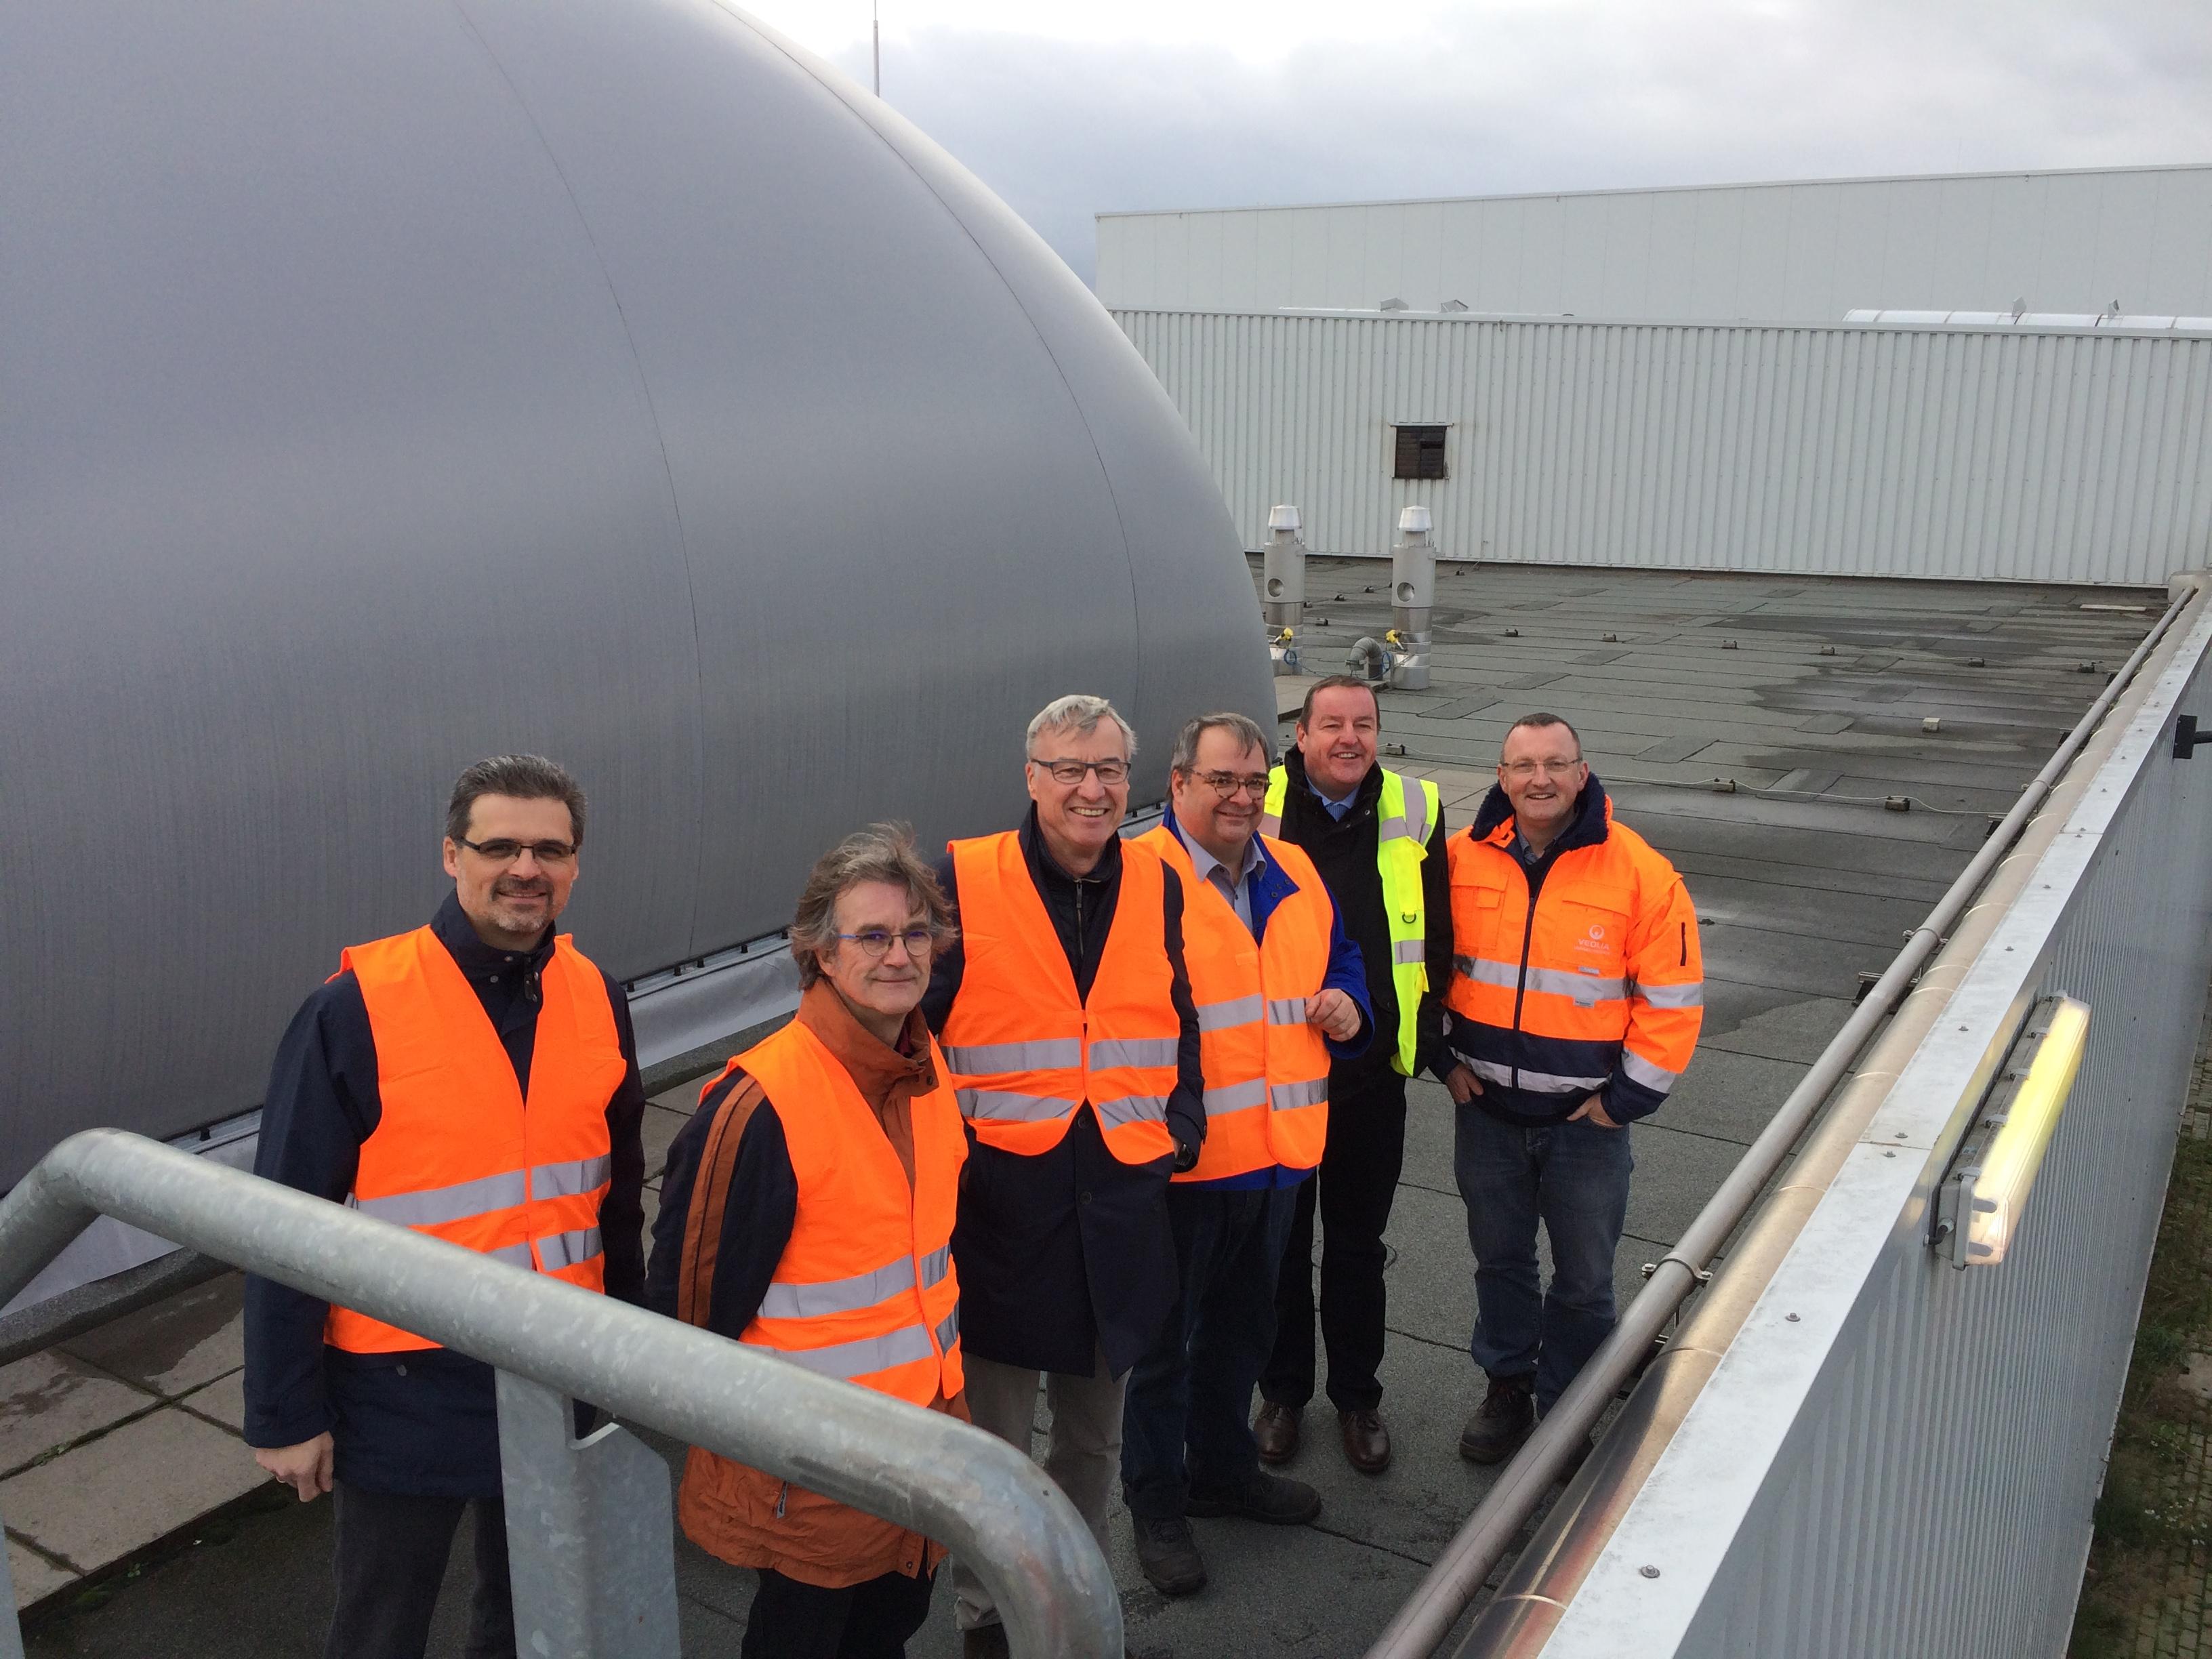 Christoph Schladt, Dr. Wolfgang Eberle sowie Staatssekretär Dr. Griese, Thomas Geißler, Frank Schwarz und Uwe Honacker. Foto: Rolf Gröschel